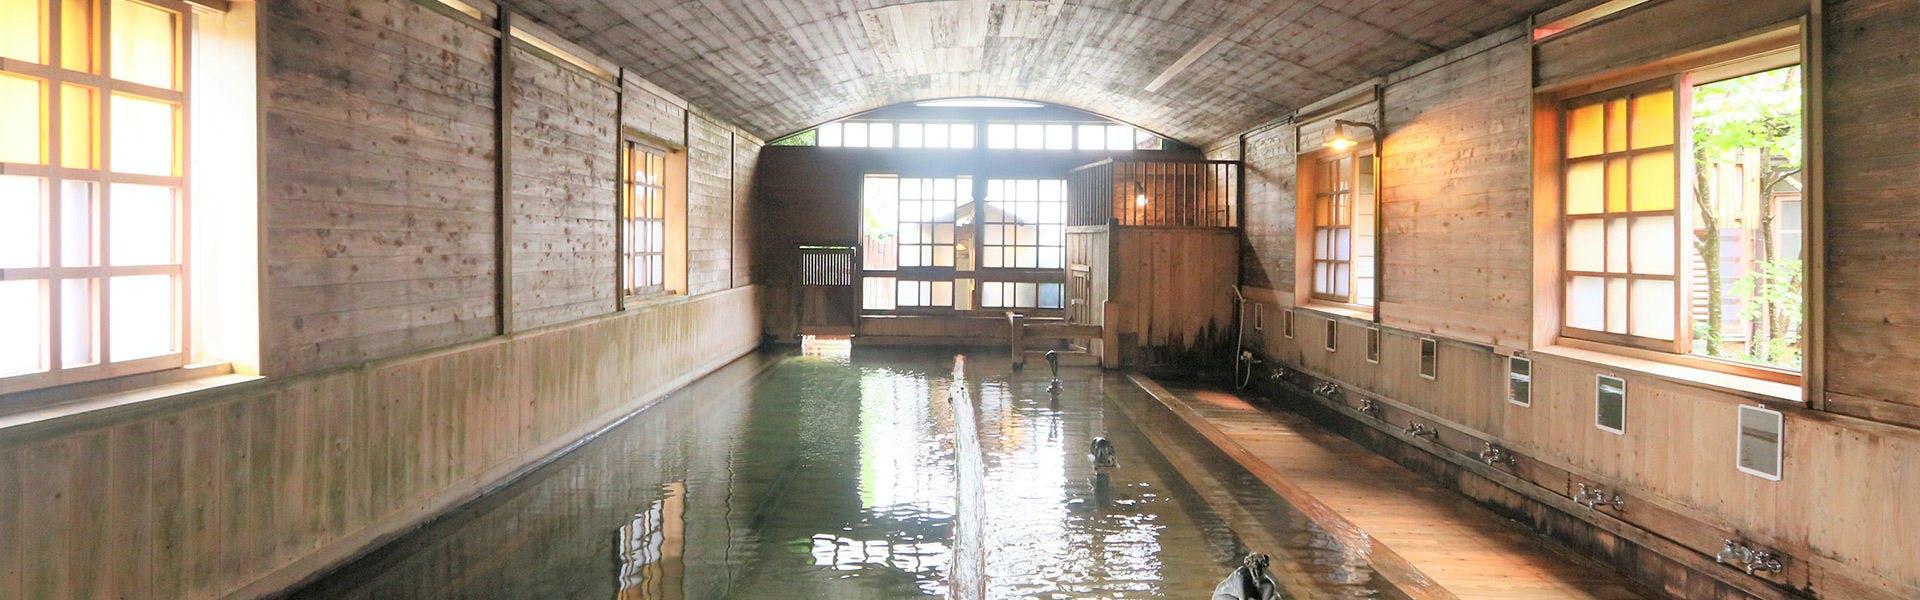 記念日におすすめのホテル・千人風呂 金谷旅館の写真1